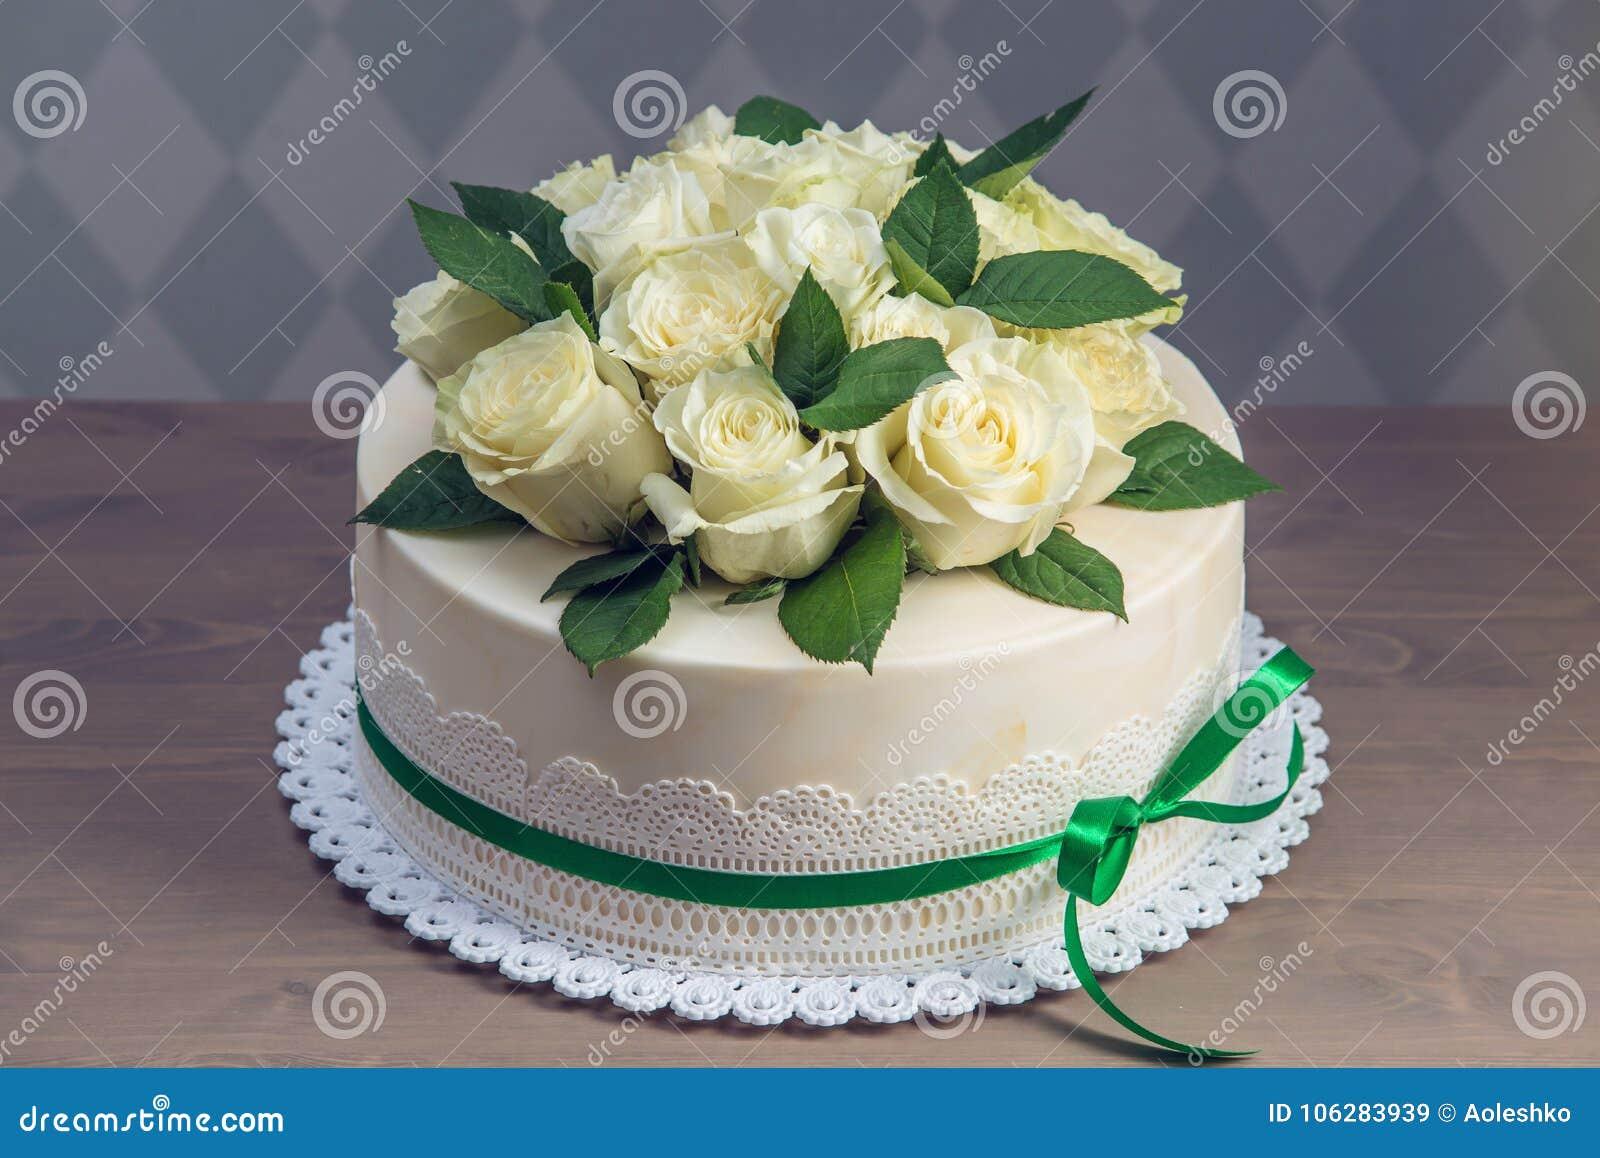 Schone Weisse Hochzeitstorte Verziert Mit Blumenstrauss Von Weissen